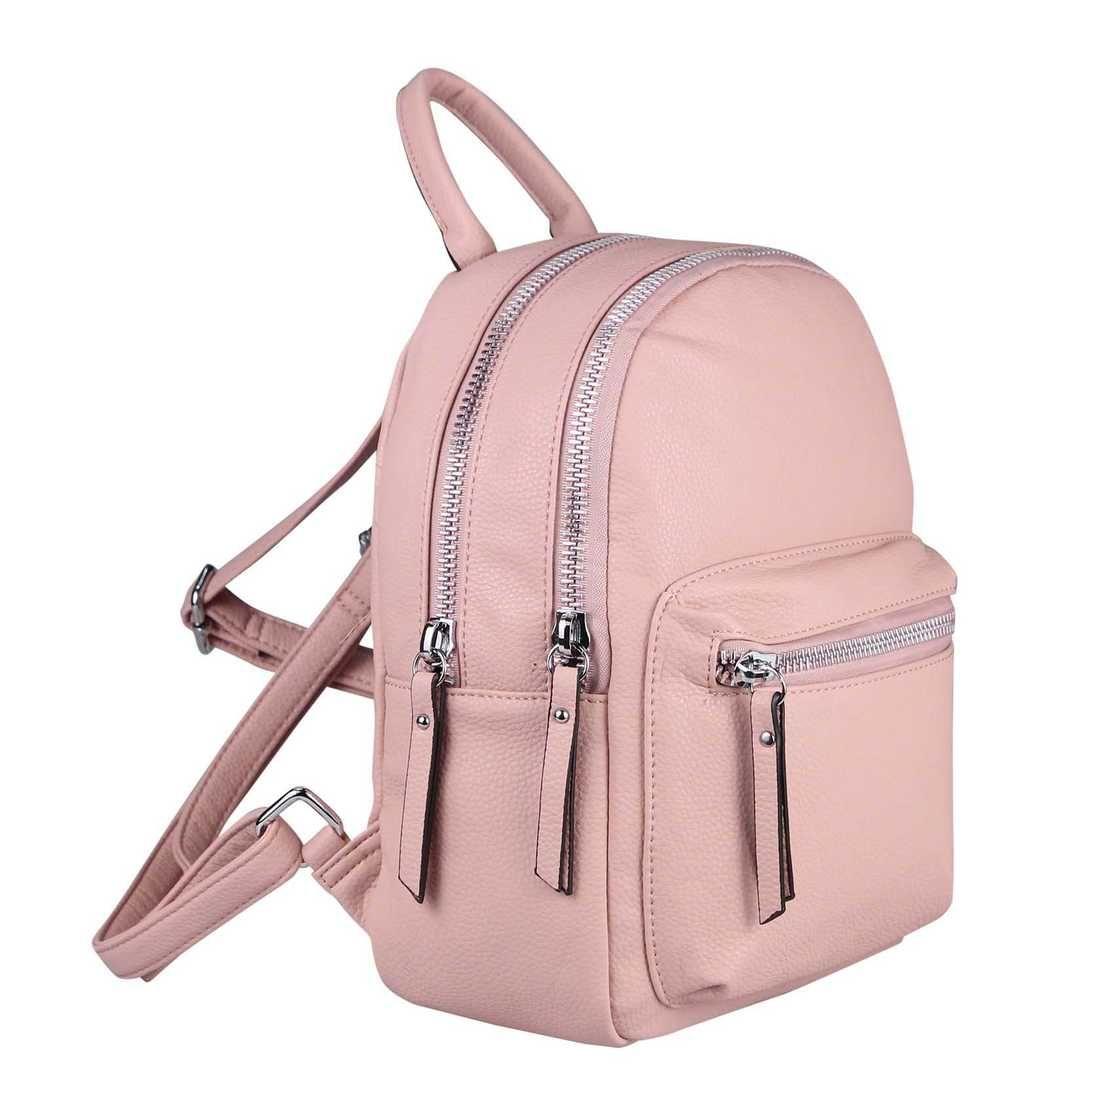 Obc Damen Ma Dchen Nieten Rucksack Cityrucksack Stadtrucksack Backpack Schultertasche Handtasche Daypack Rucksack Madchen Rucksack Schultertasche